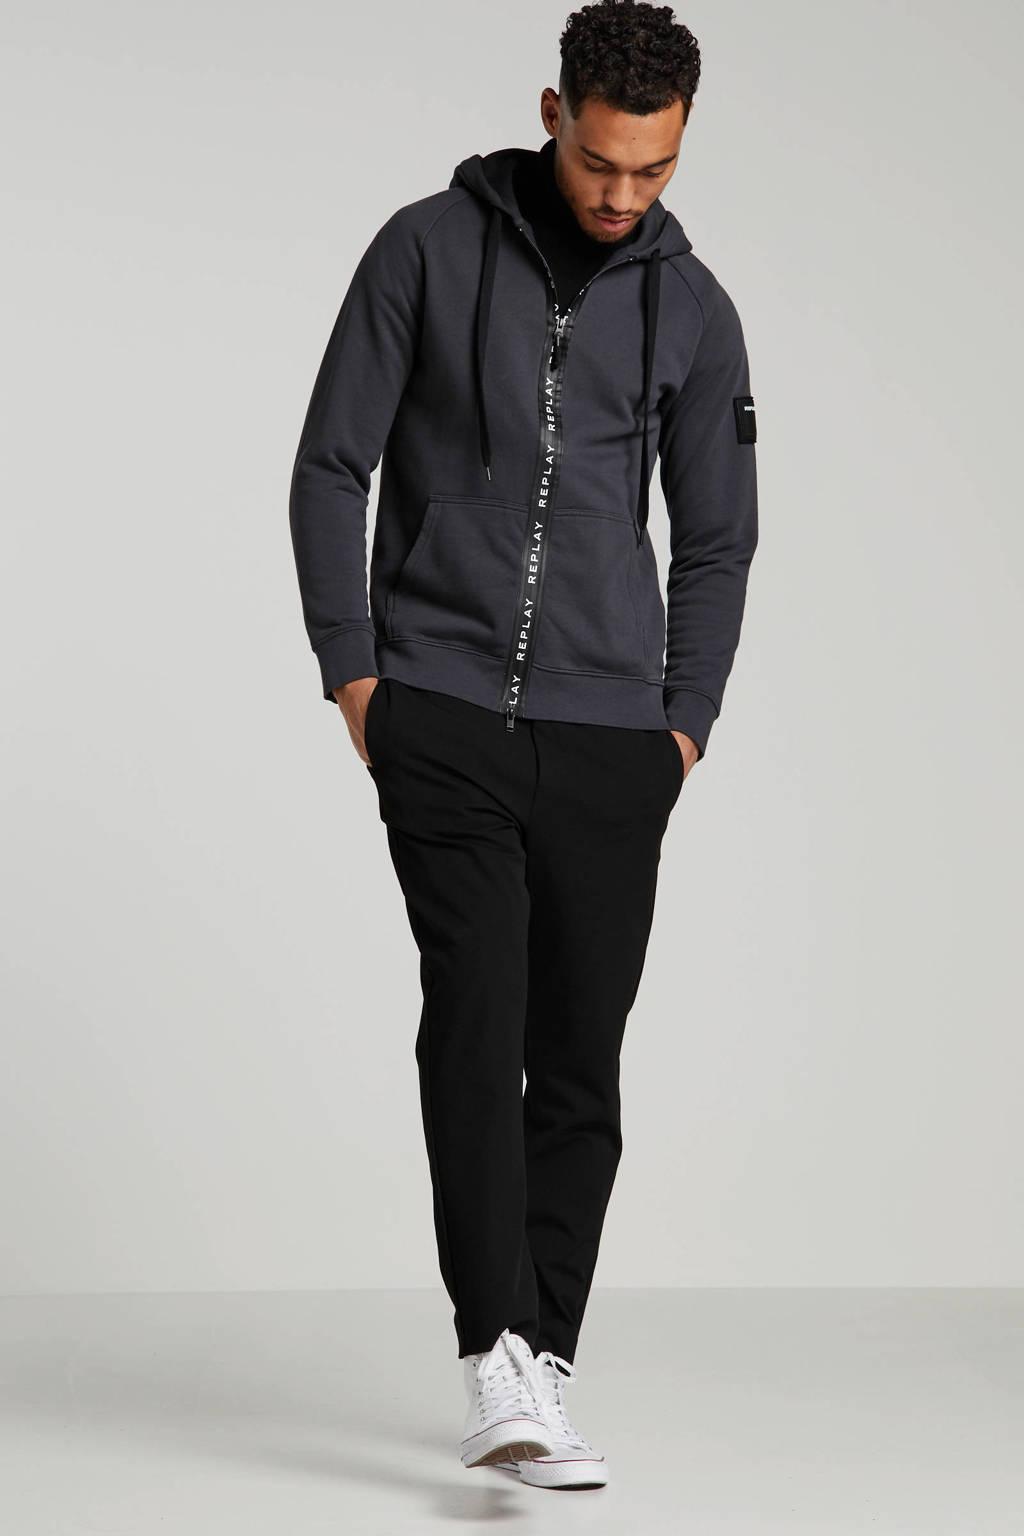 REPLAY vest met tekst antraciet/zwart, Antraciet/zwart